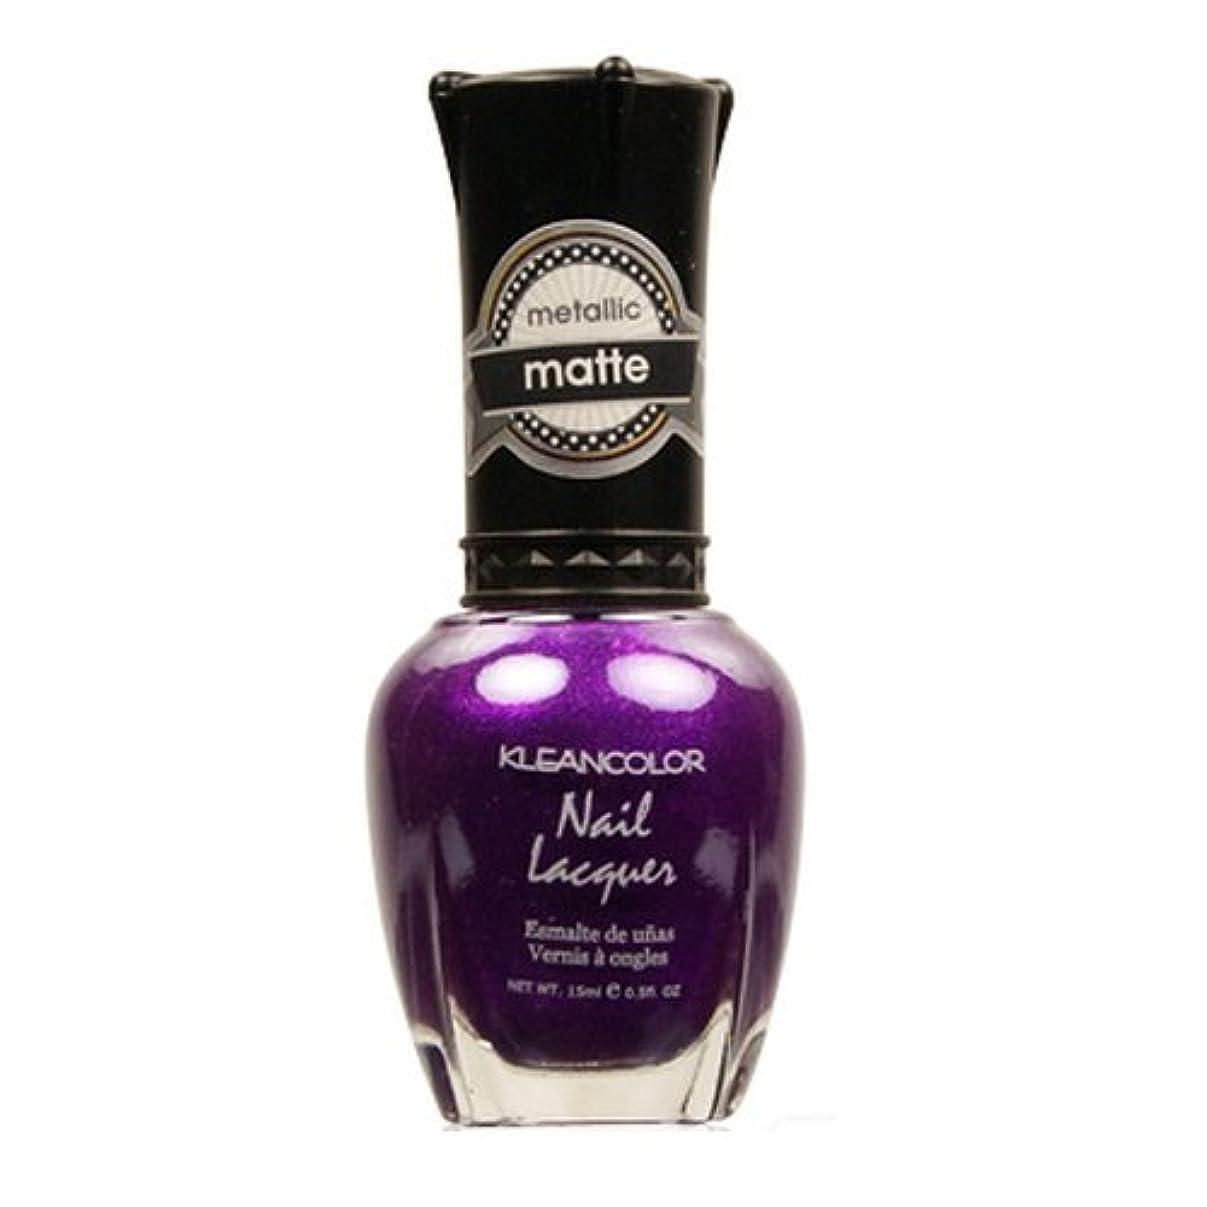 バンガローフェリーなめらかKLEANCOLOR Matte Nail Lacquer - Just Like Juliet (並行輸入品)